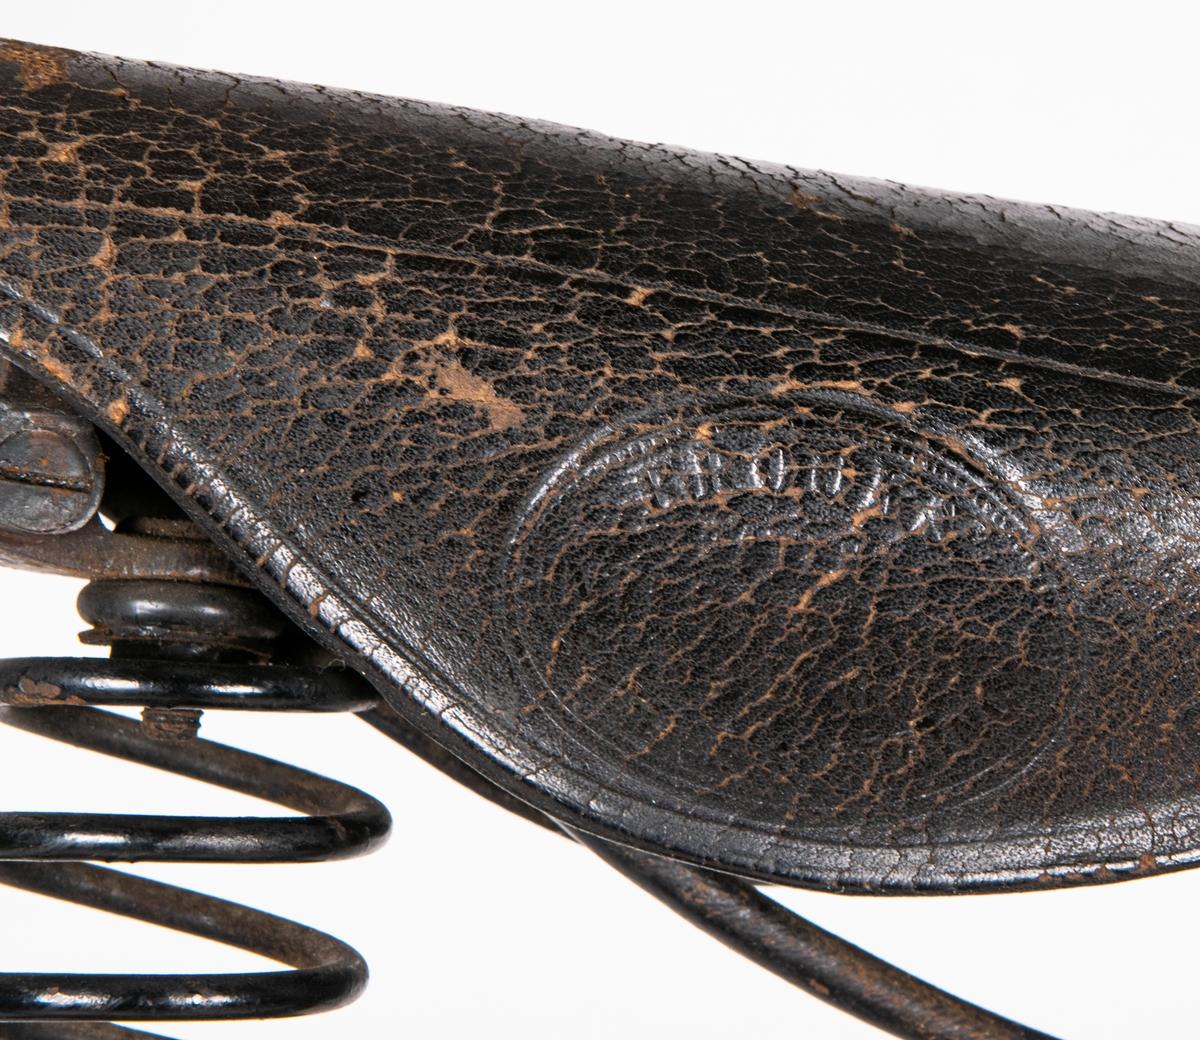 Velociped, Froms tillverkning. Cyckel med svart lack och linjerad gulddekor. Lädersadel av märket Brooks. Text på ramen: FROM [H]ERKULES. Serienummer på styret: 460. Handtag av svarmålat trä. Handbroms fram.